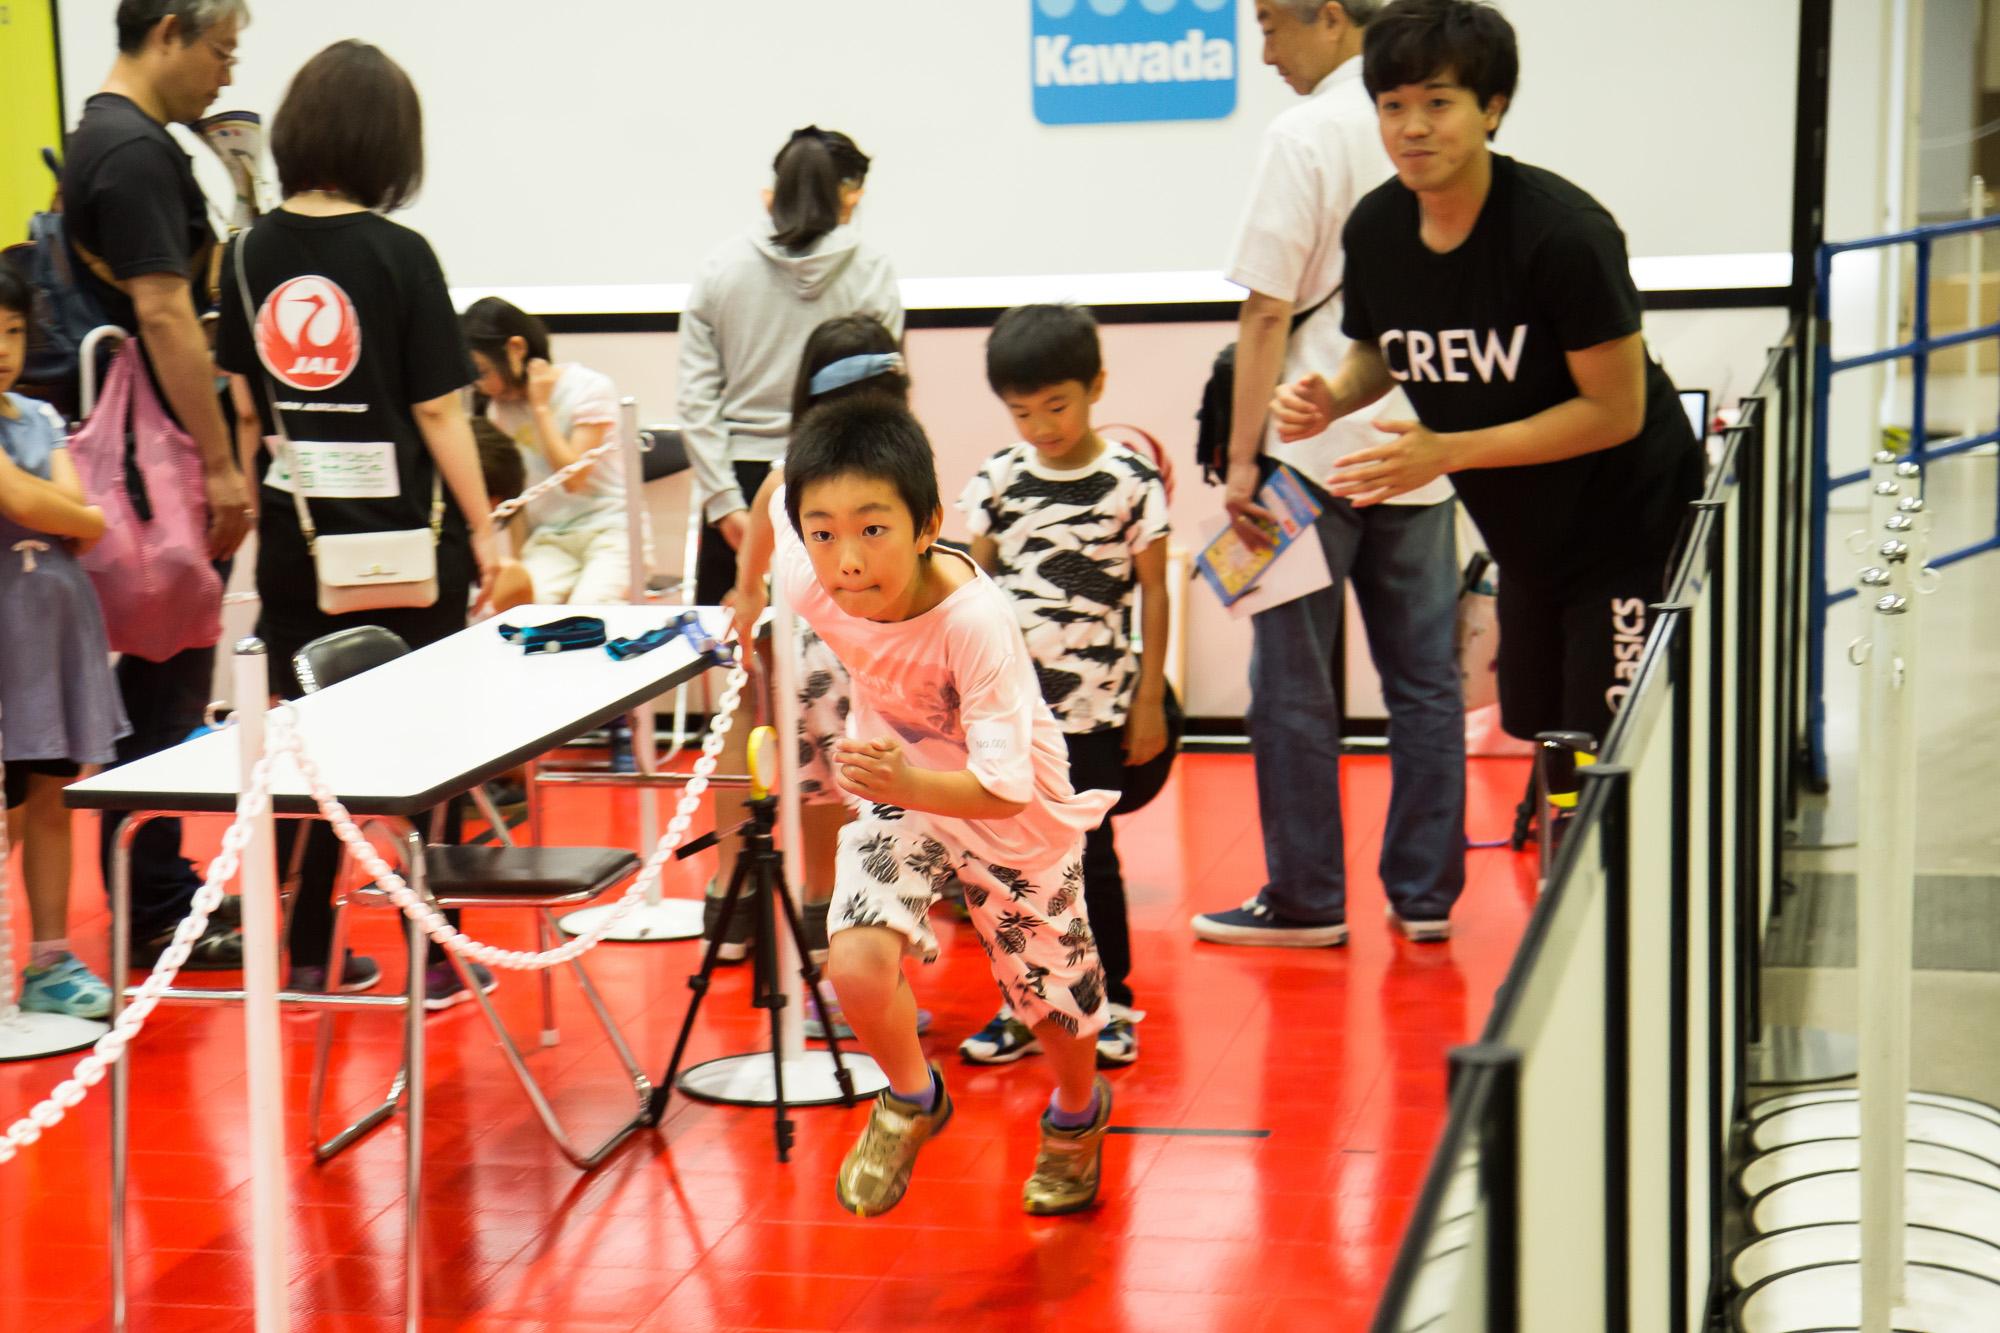 障がいがる人も参加できるスポーツテスト